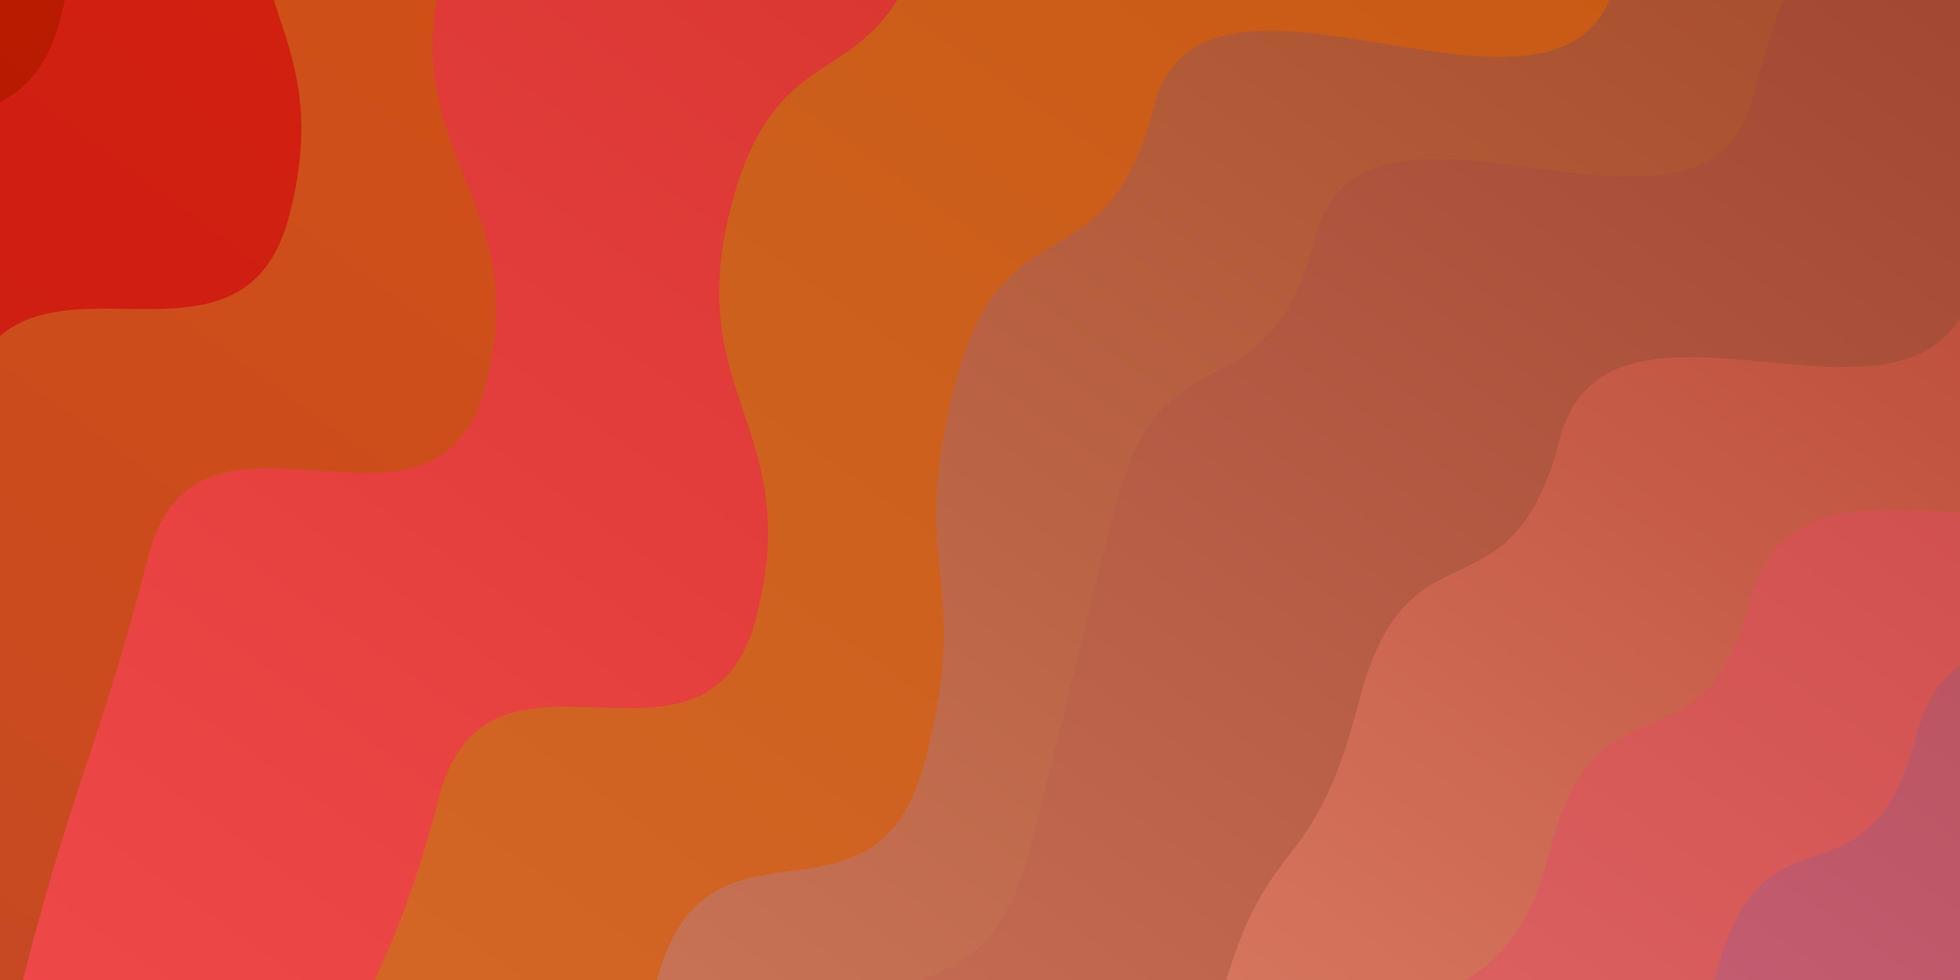 layout vettoriale rosa chiaro, giallo con arco circolare.